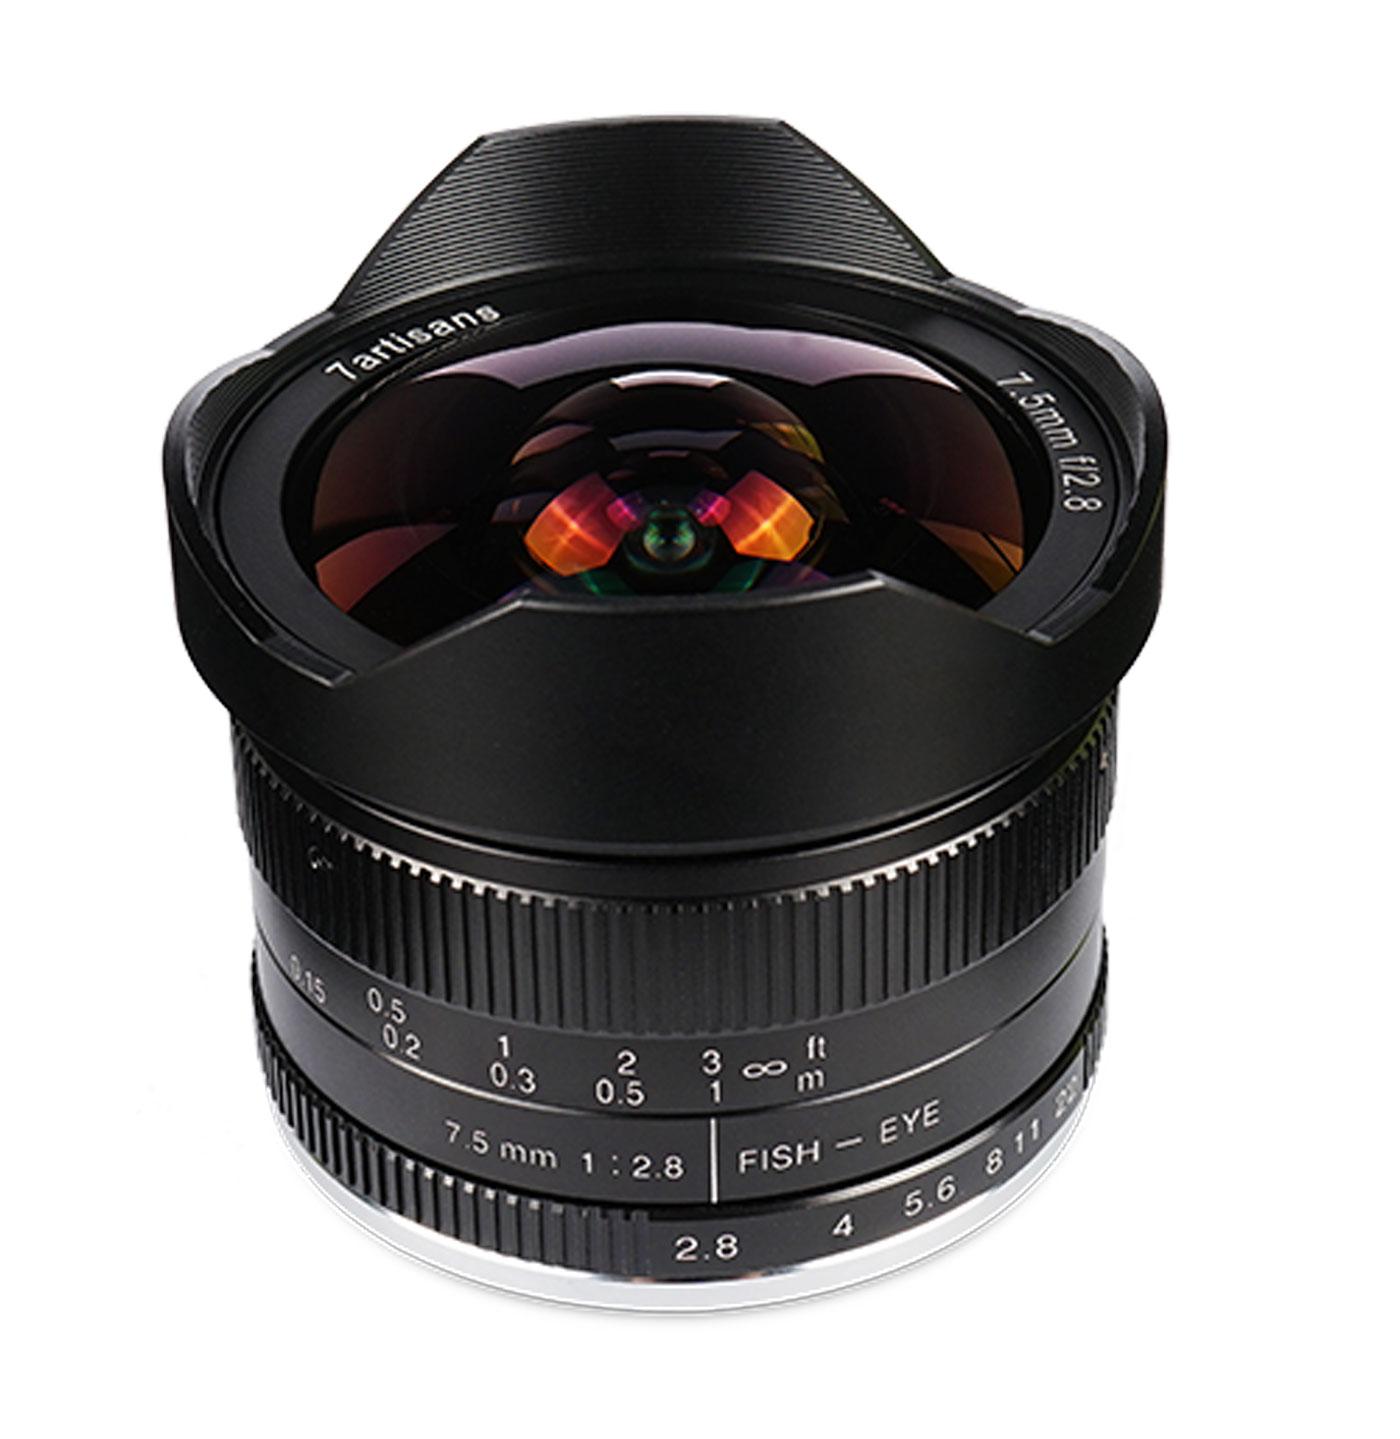 7Artisans 7,5 mm 1:2,8 für Canon EF-M